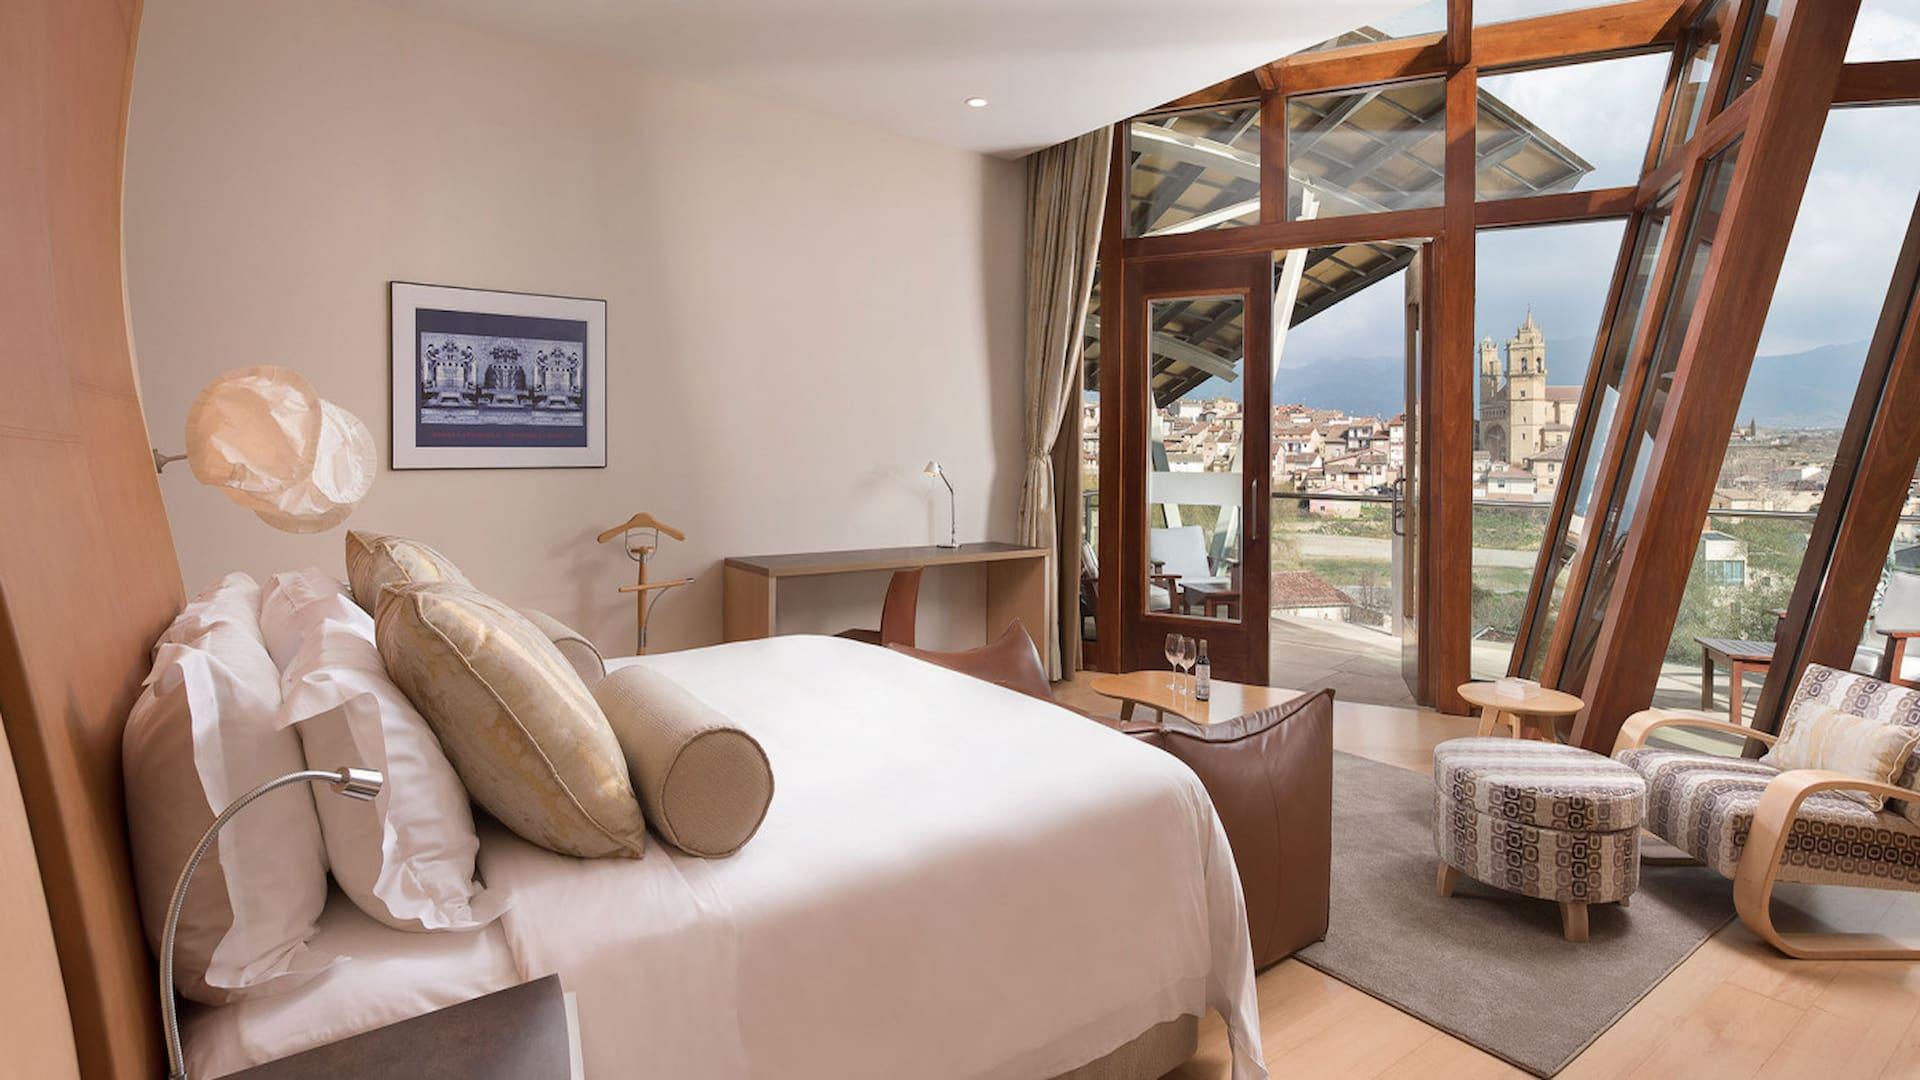 Hotel Marqués de Riscal - Viaggio di Nozze in Spagna 4